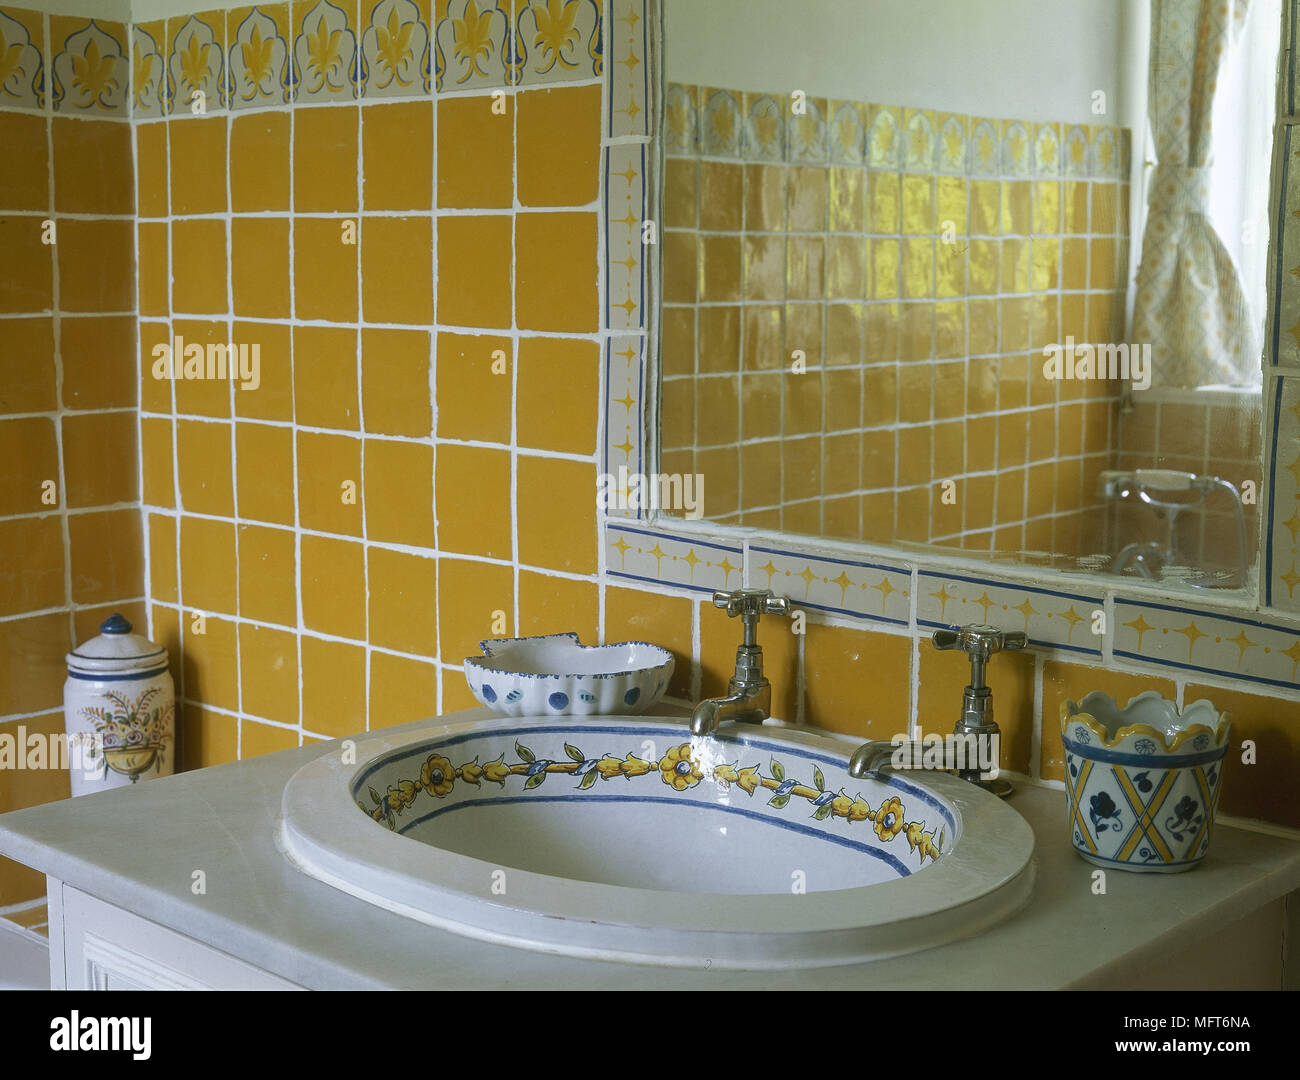 Paese bagno giallo dettaglio piastrelle decorate in ceramica set